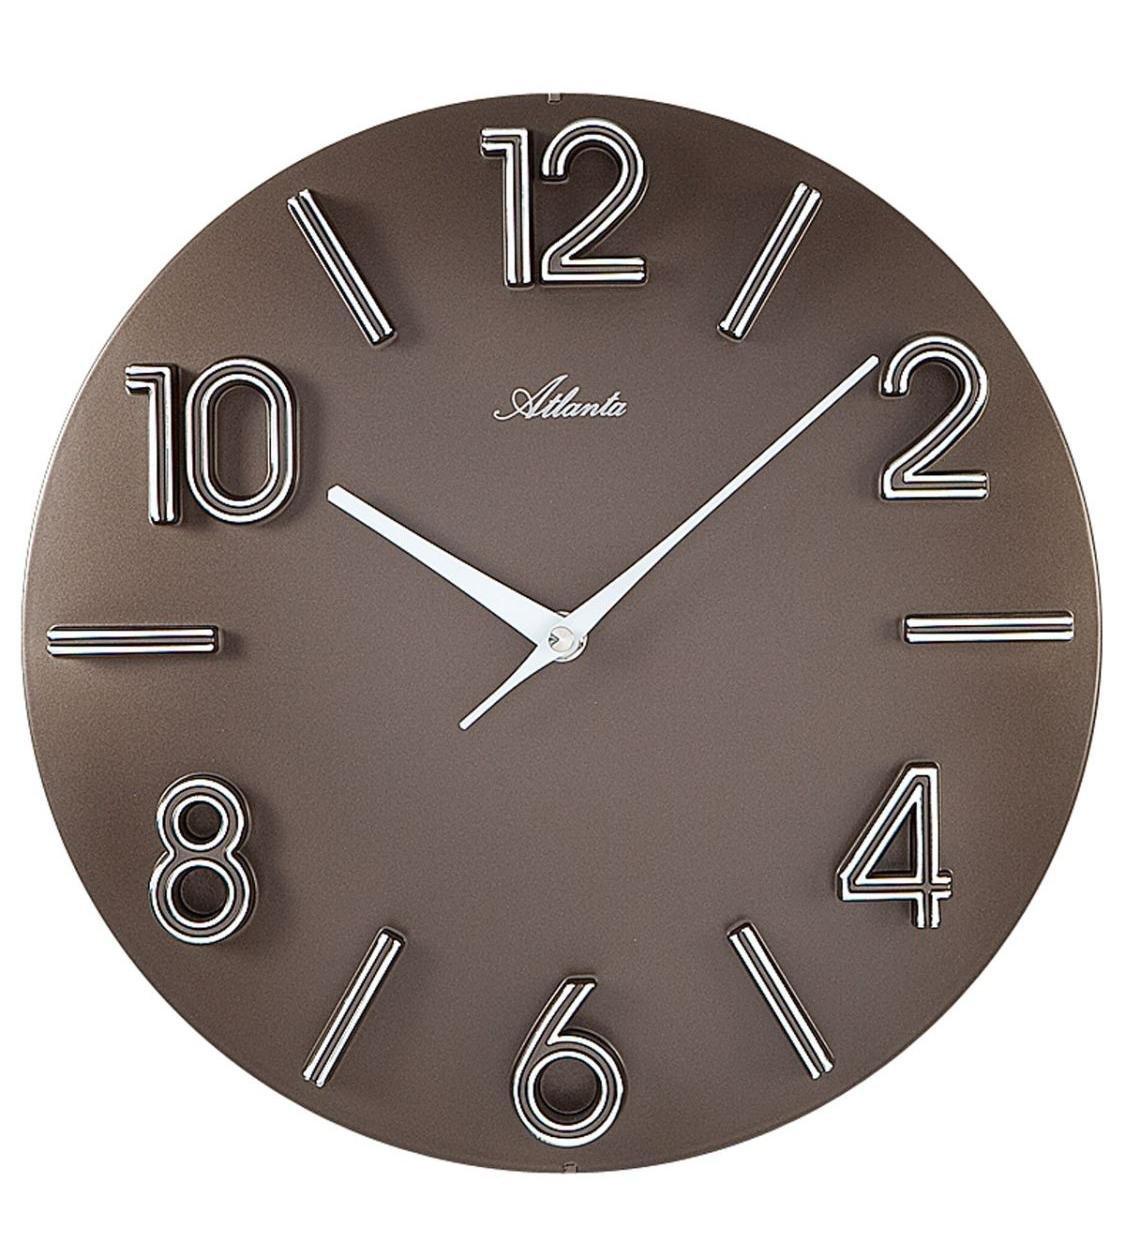 Amazonde Atlanta Quarz Wanduhr Moderne Wohnzimmer Uhr Farbe Braun 30cm Durchmesser Grosse Arabische